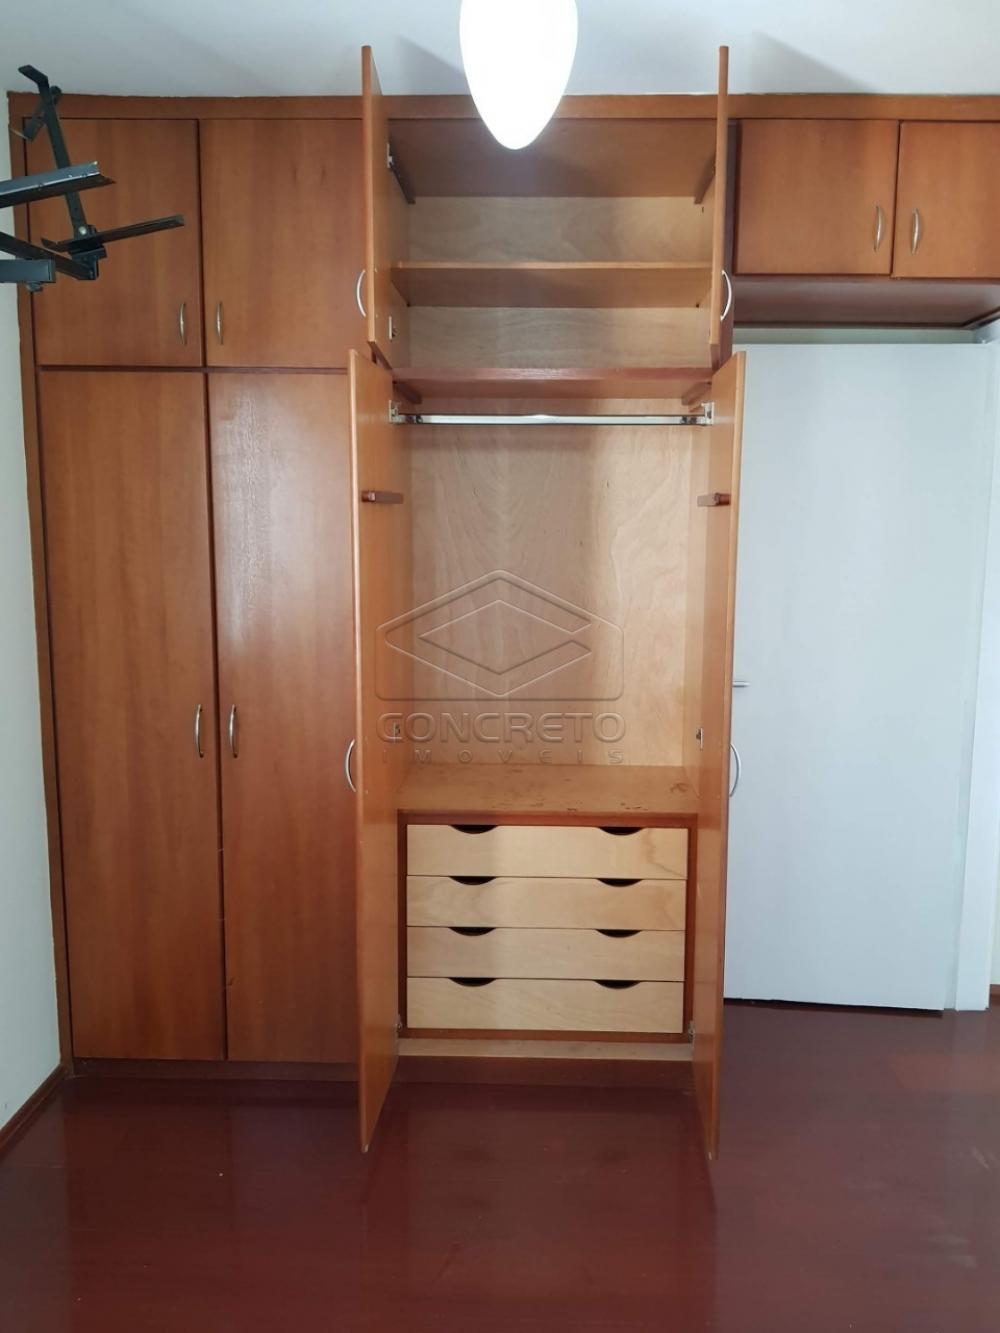 Comprar Apartamento / Padrão em Bauru R$ 113.000,00 - Foto 9